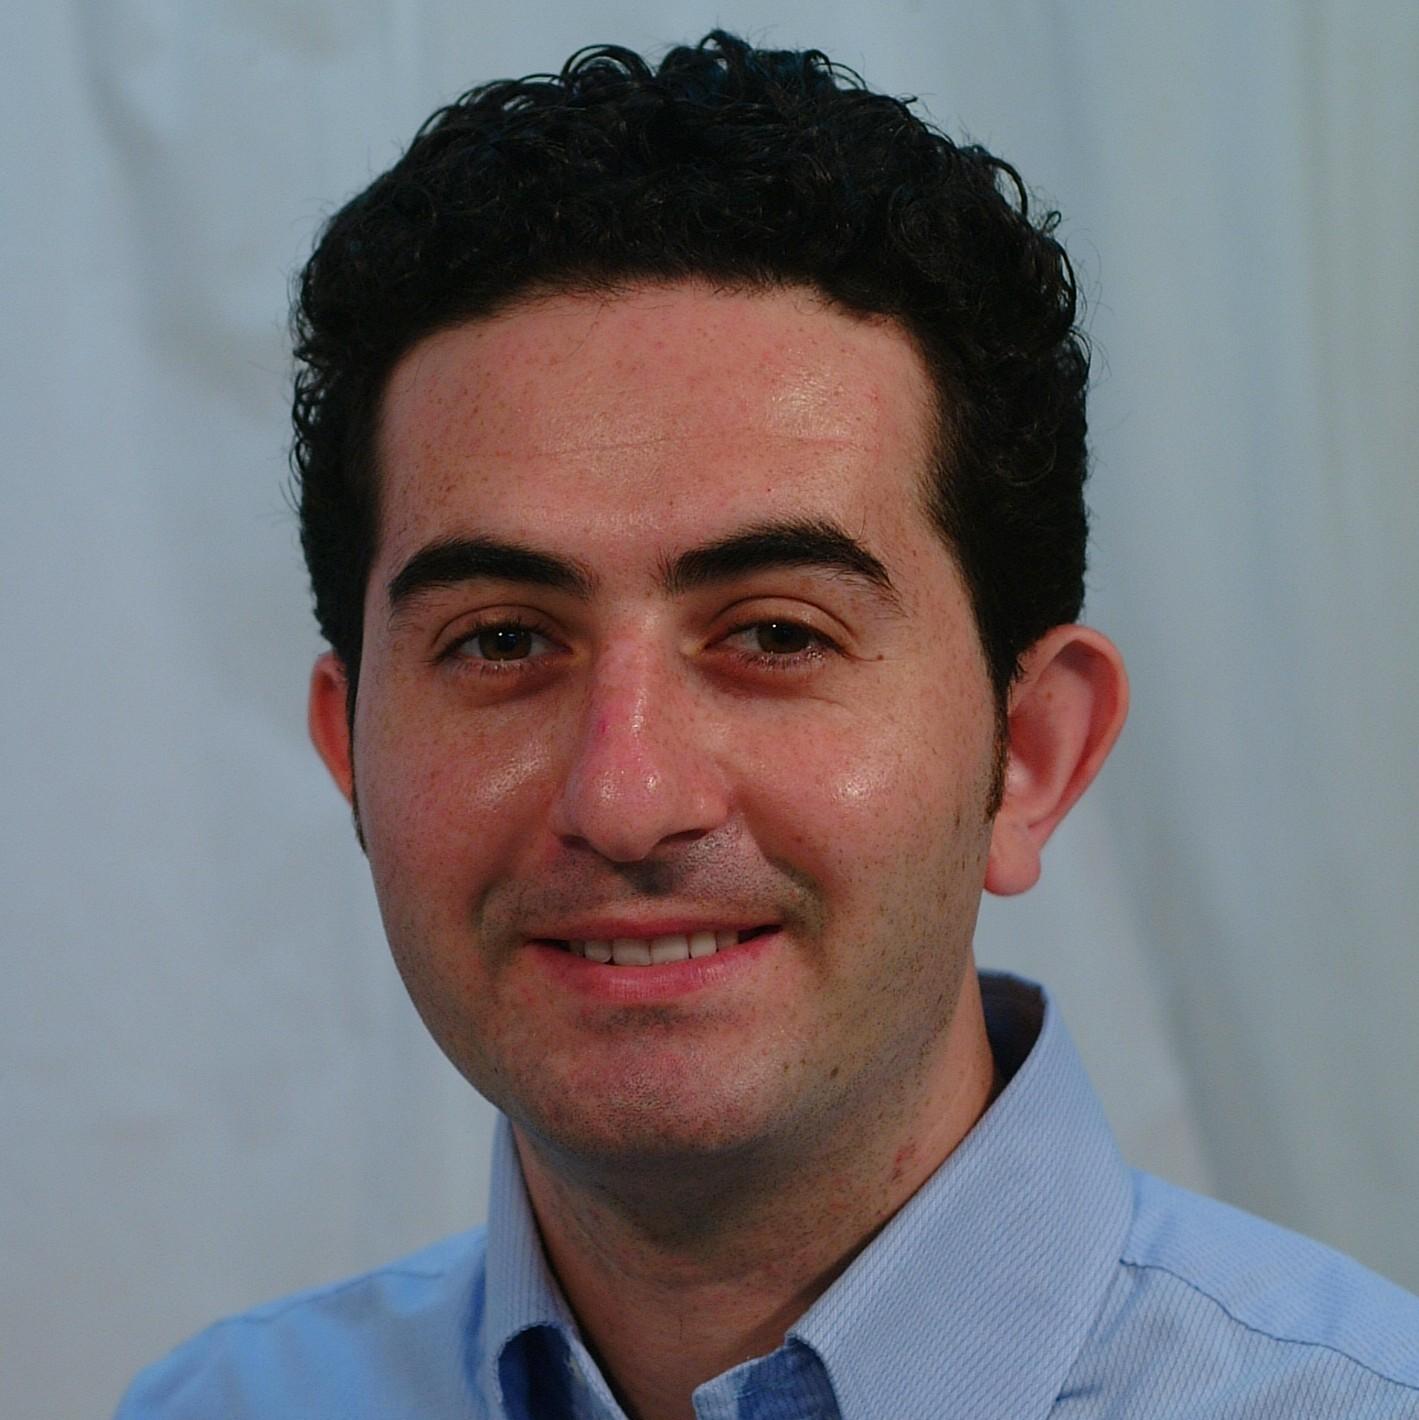 Stefano D'AMICO